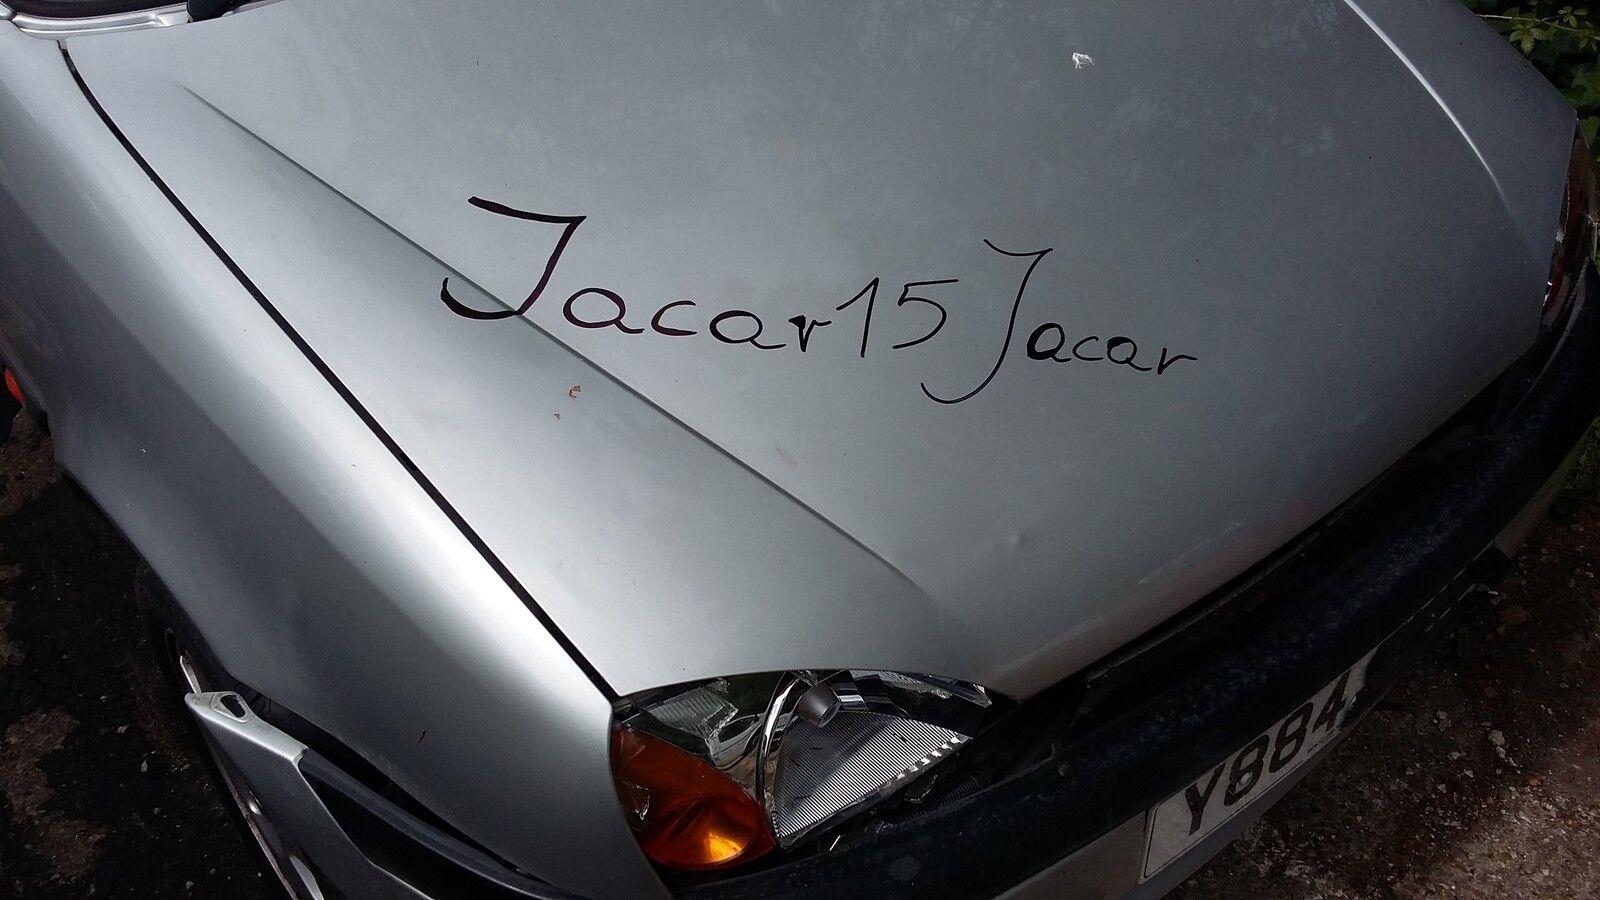 jacar15jacar